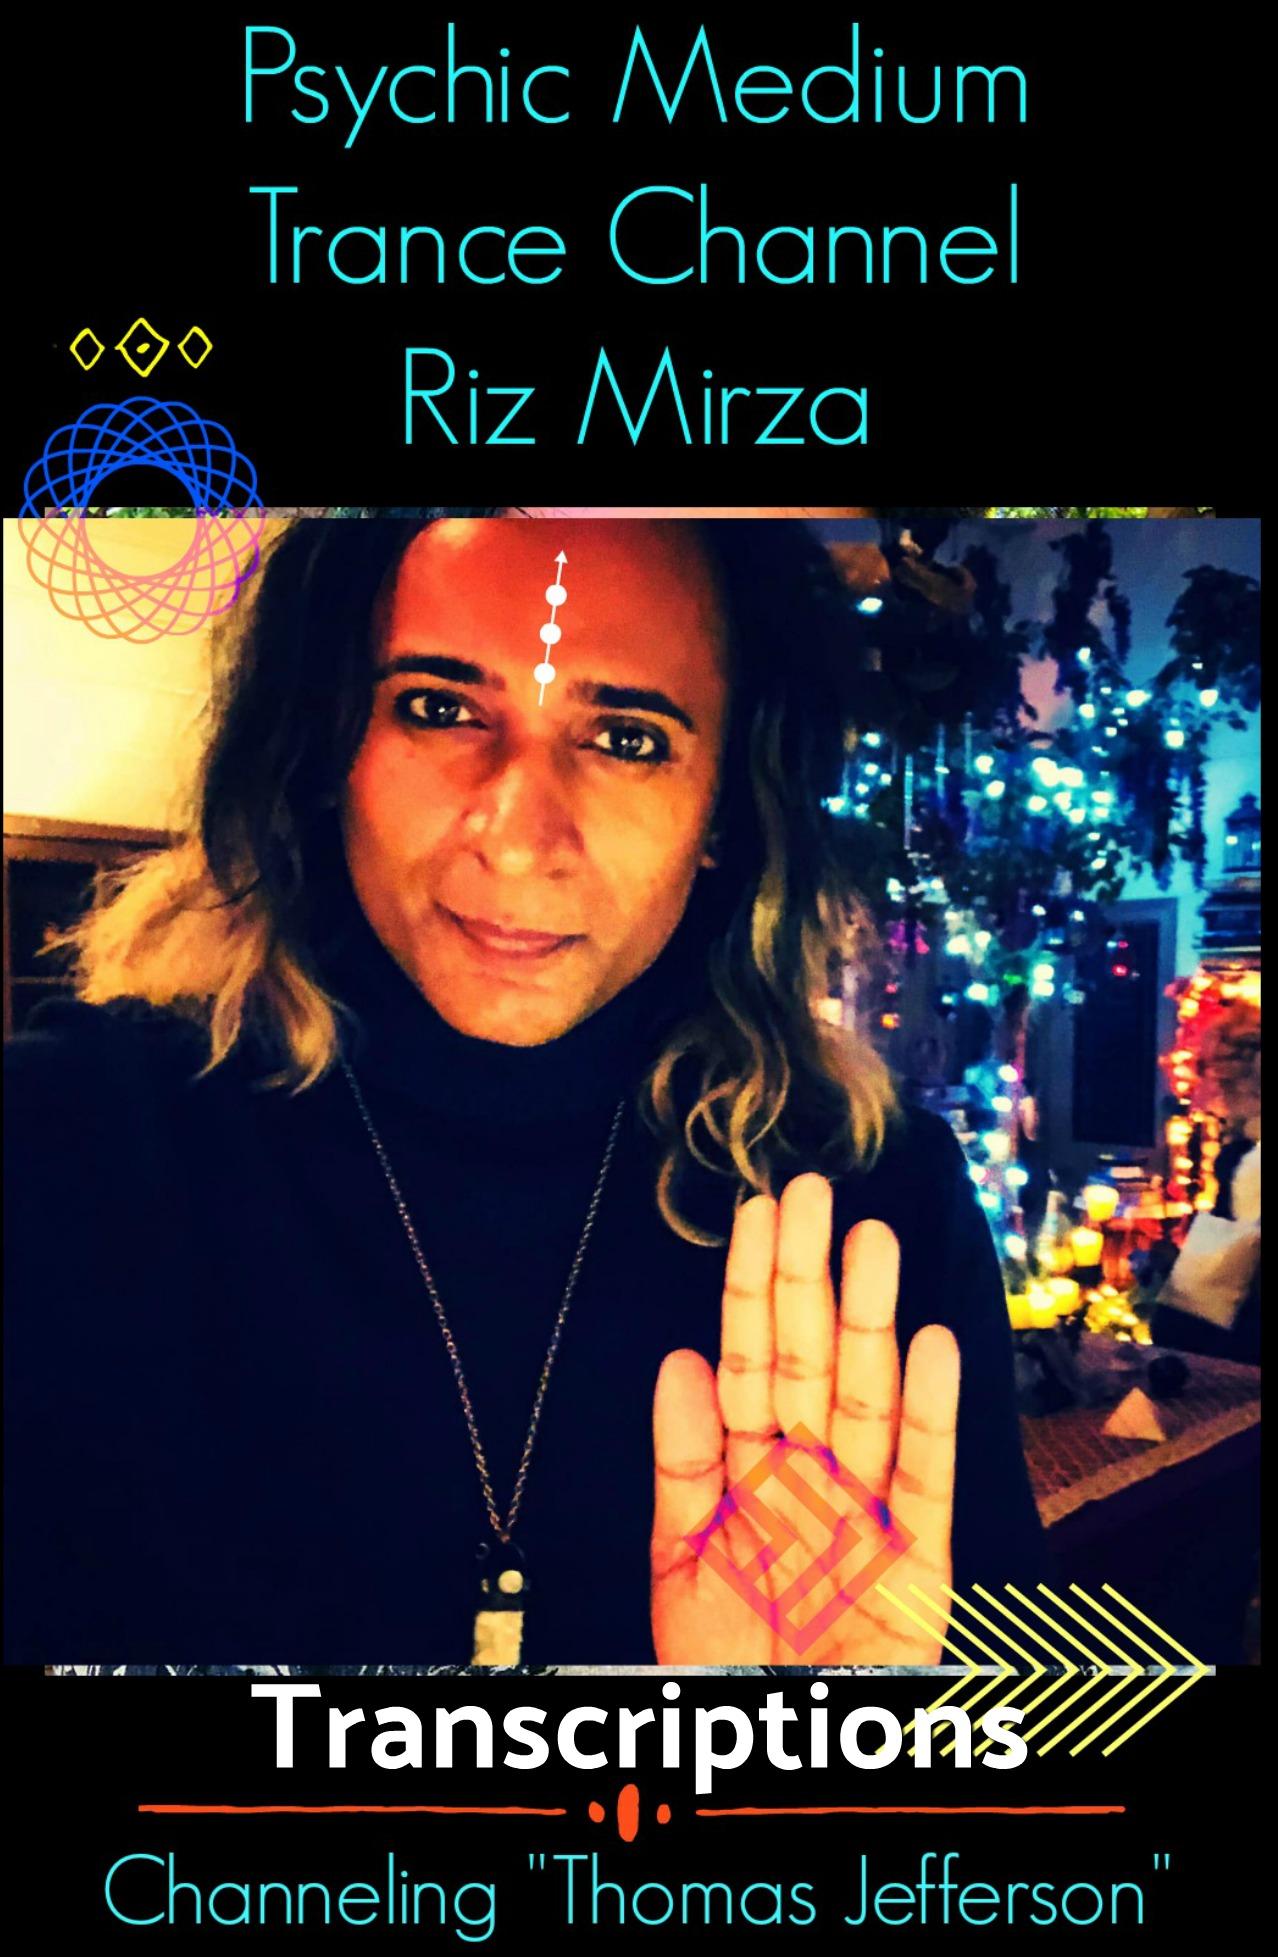 riz cropped website 3.jpg